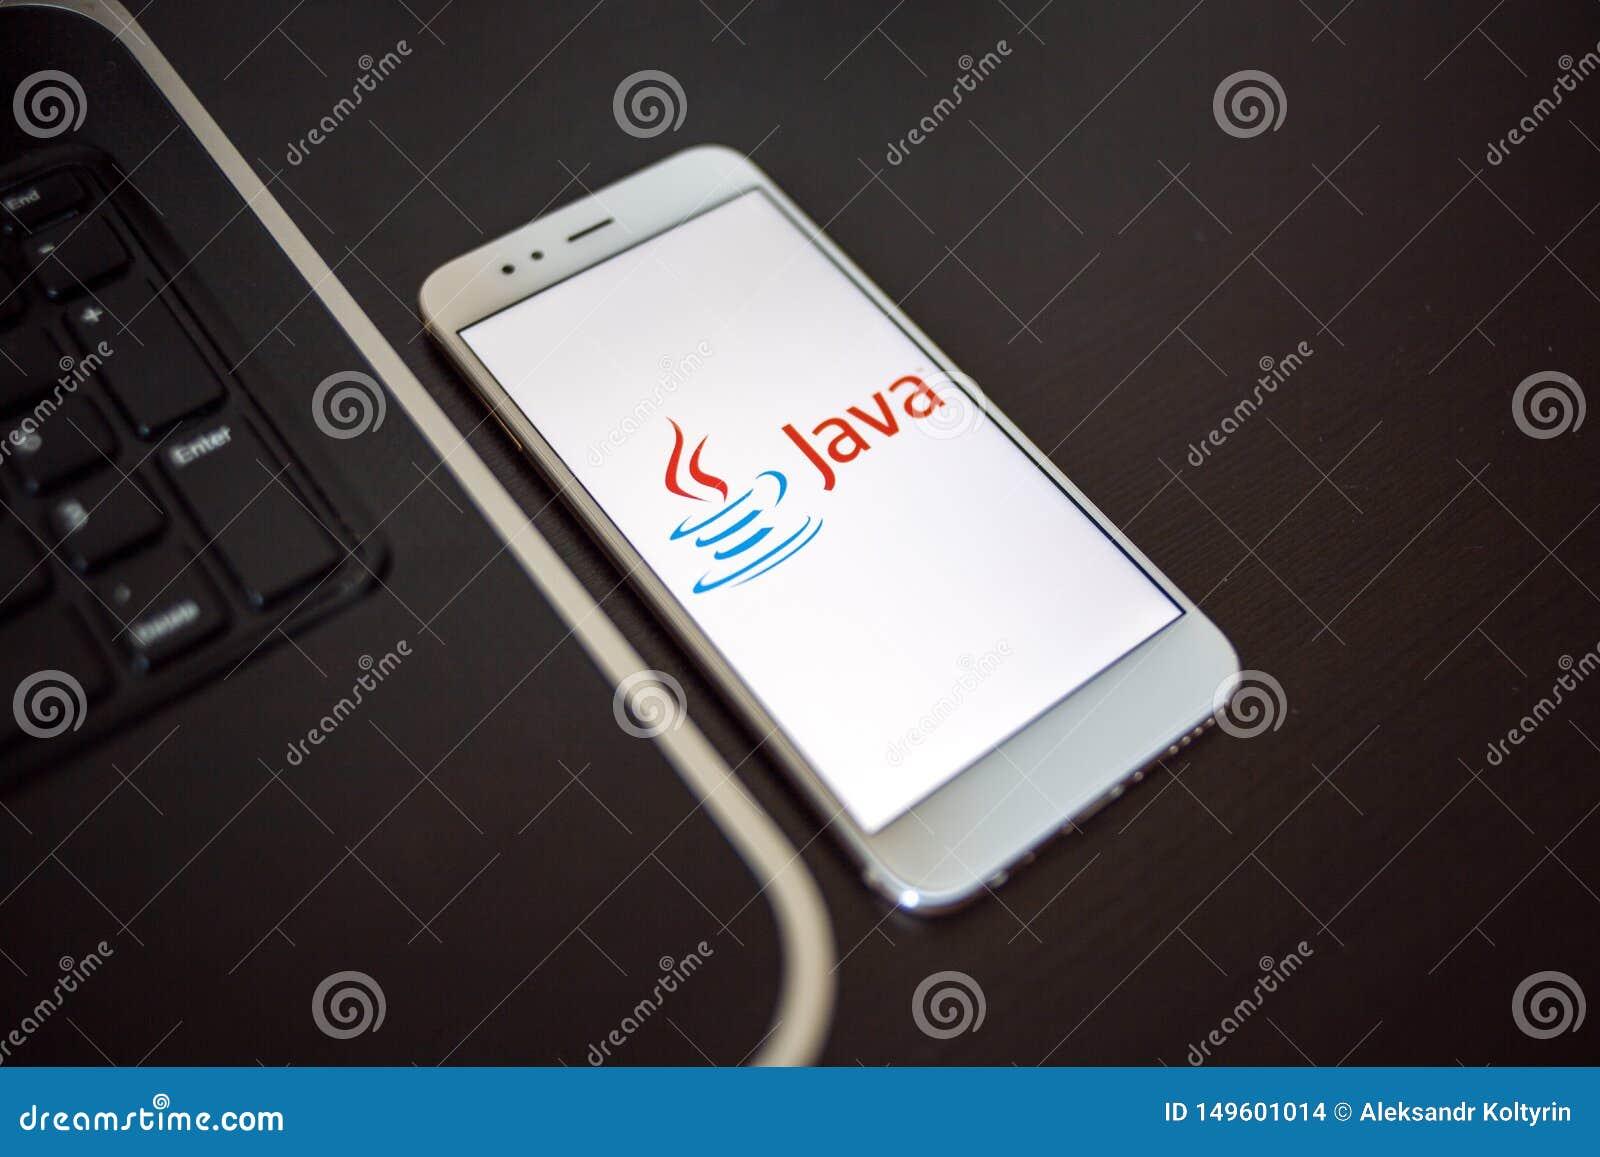 ST PETERSBOURG, RUSSIE - 16 MAI 2019 : Langage de programmation Java pour le développement mobile, concept